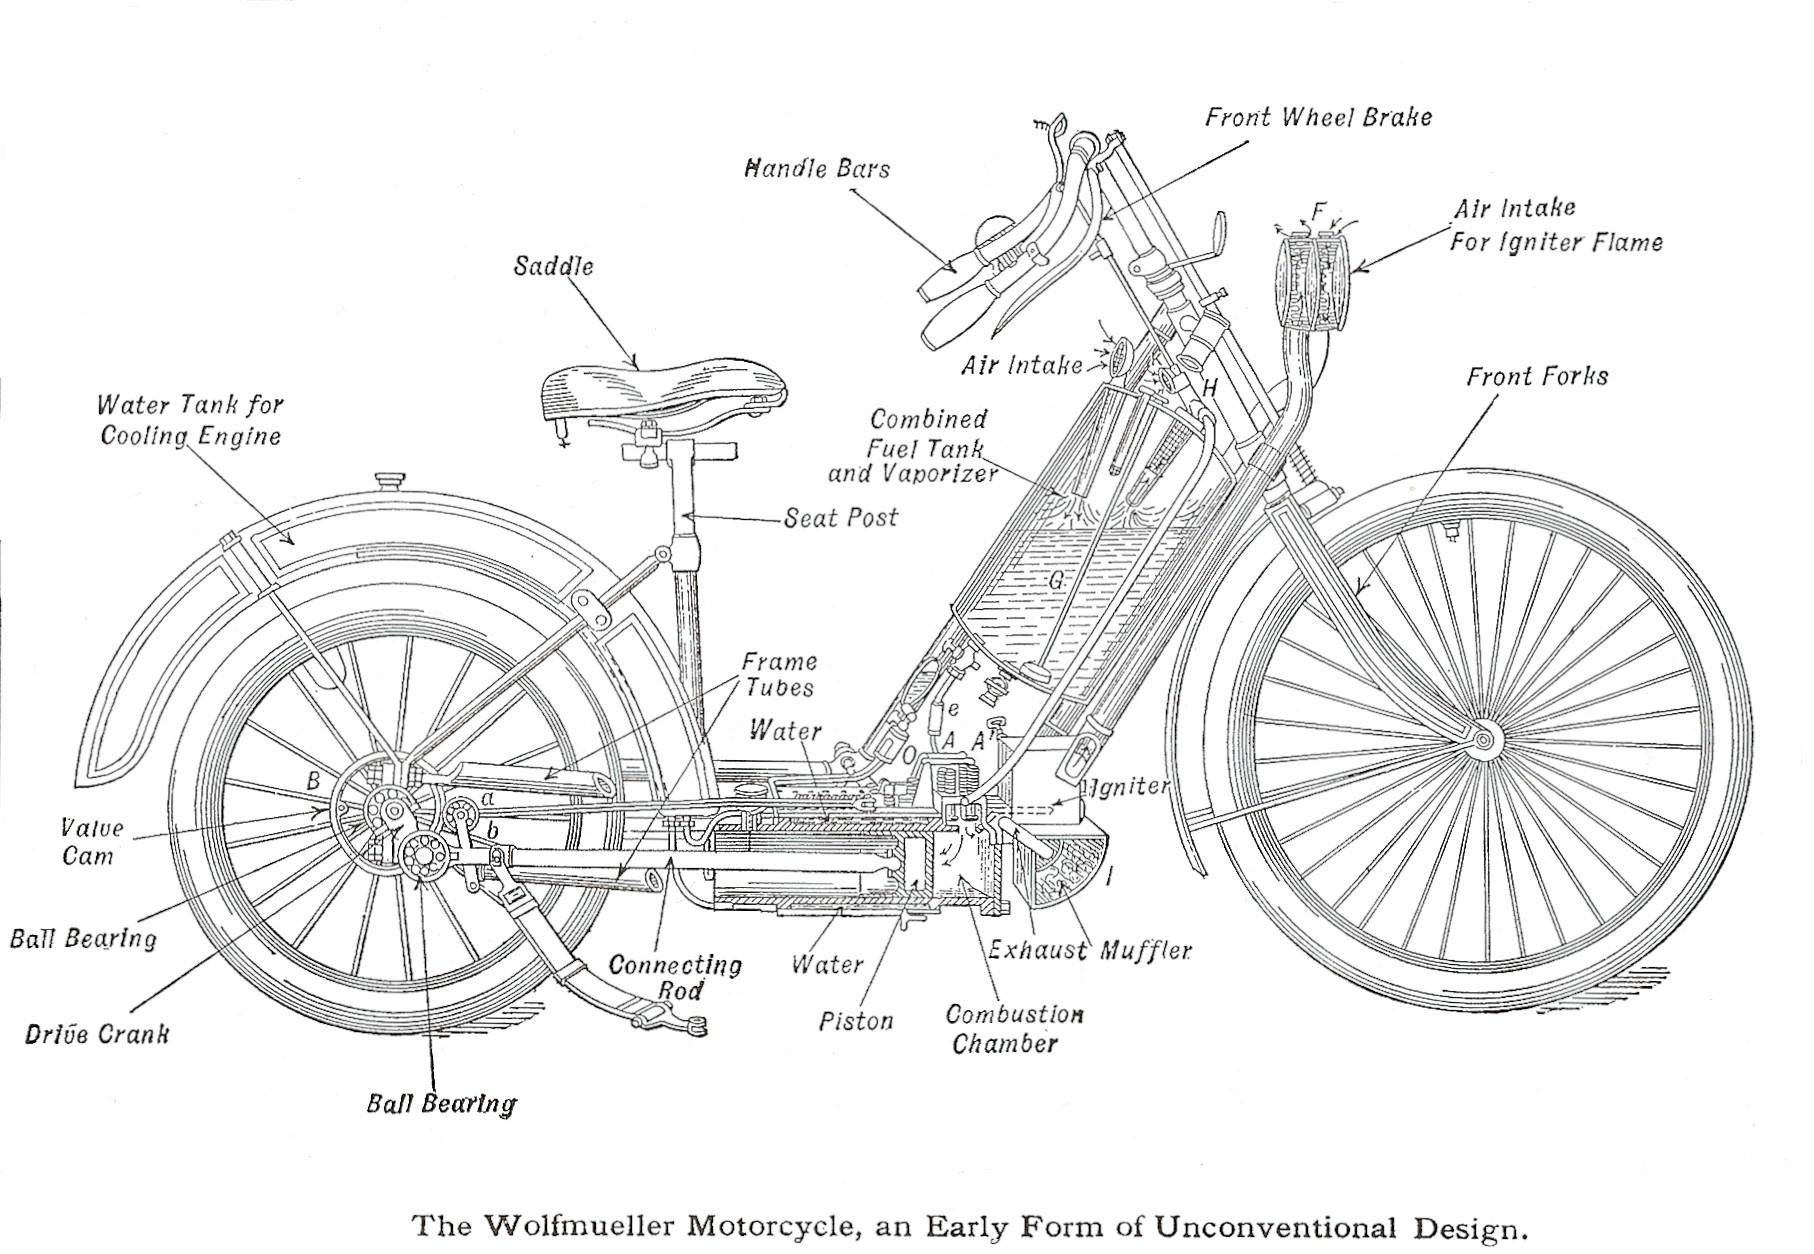 single cylinder motorcycle engine diagram moto guzzi 850t and 850gt pit bike engine diagram moto guzzi engine diagram #31